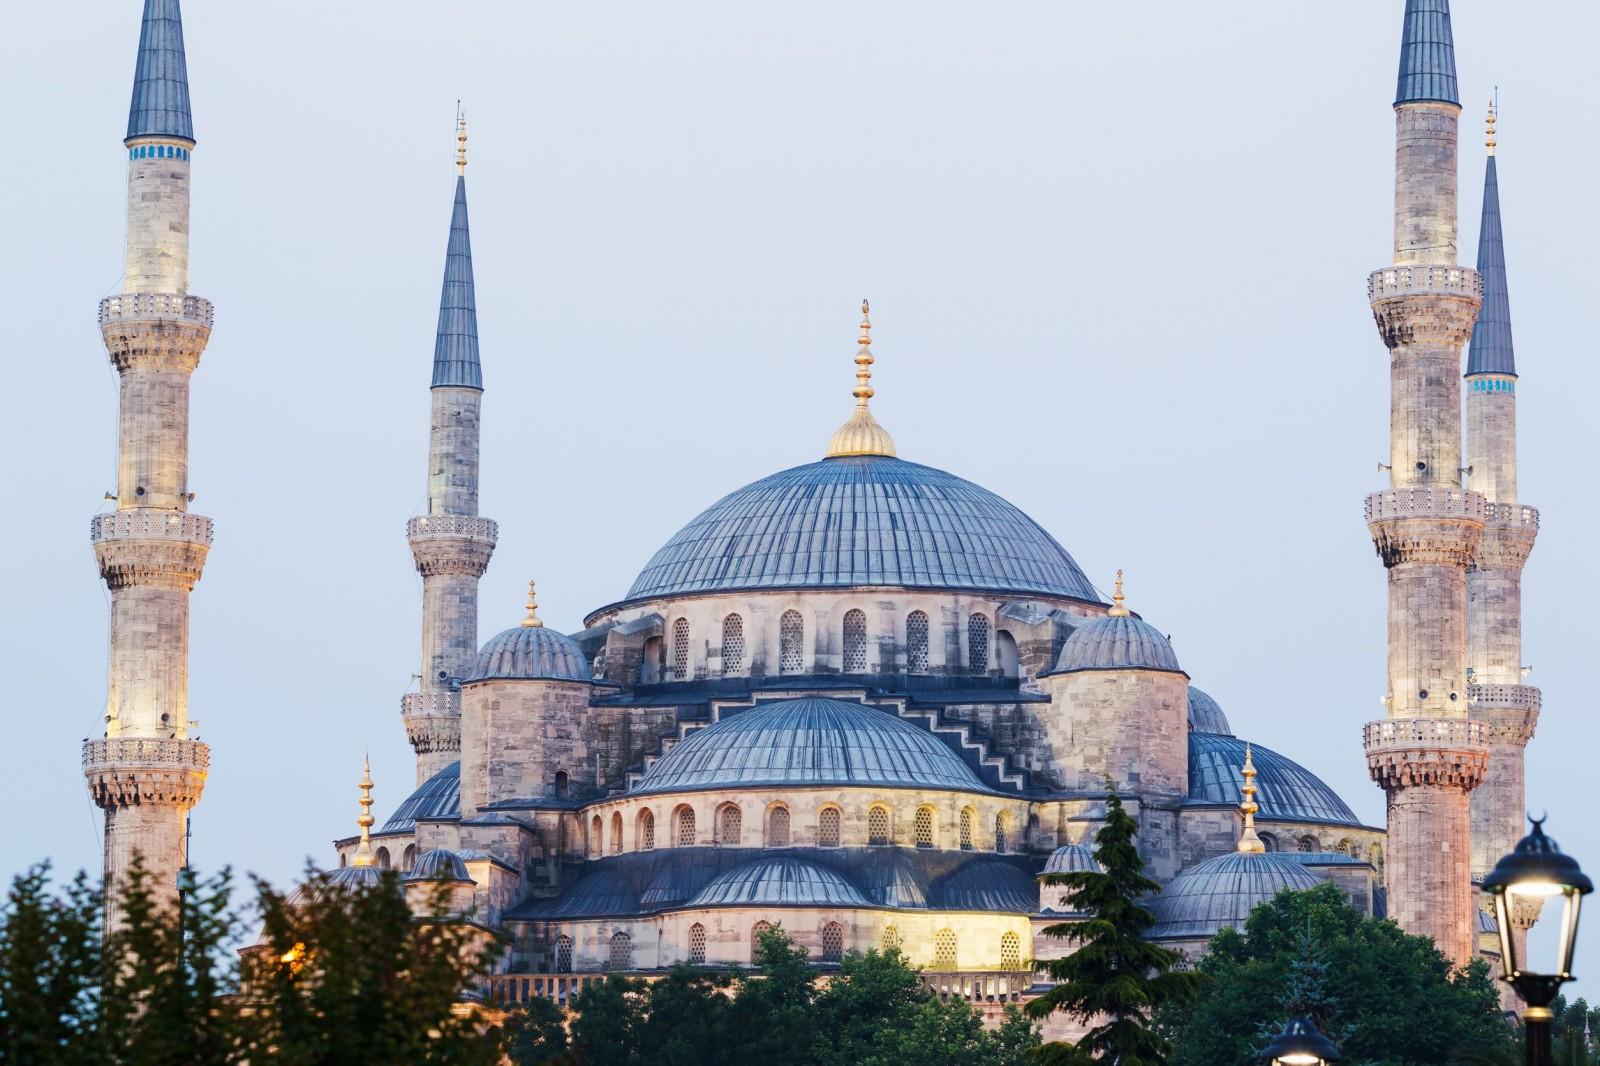 استنبول میں دھماکہ داعش کے خود کش حملہ آورنے کیا